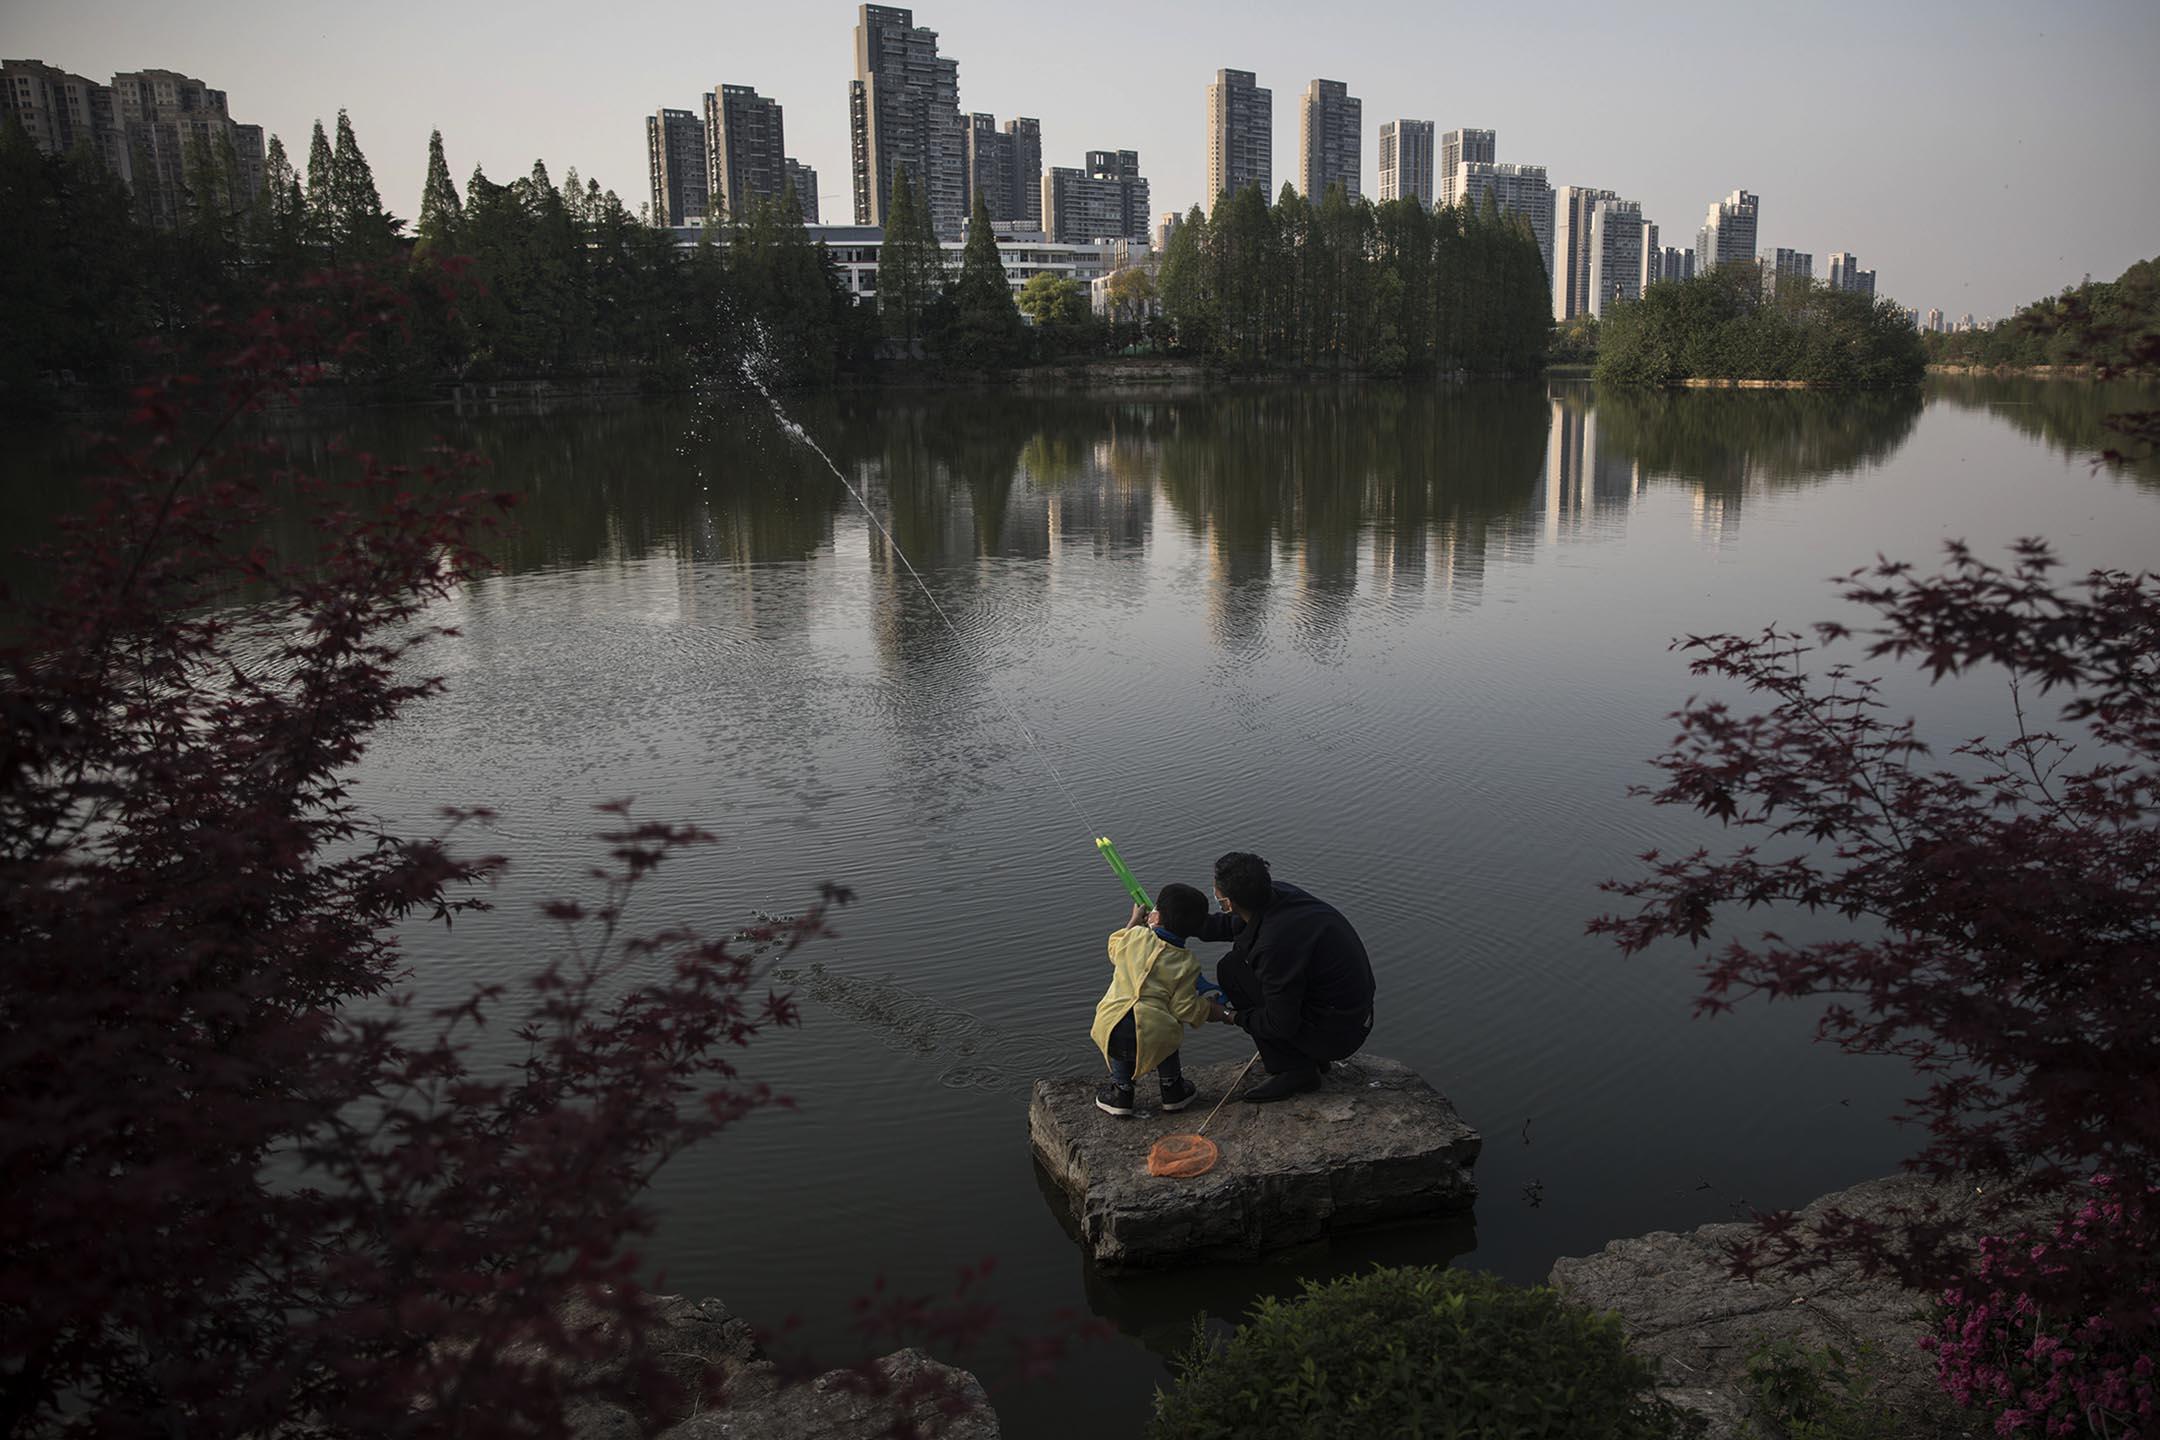 2020年4月9日中國武漢,一個男孩和他的爺爺在公園玩水槍。